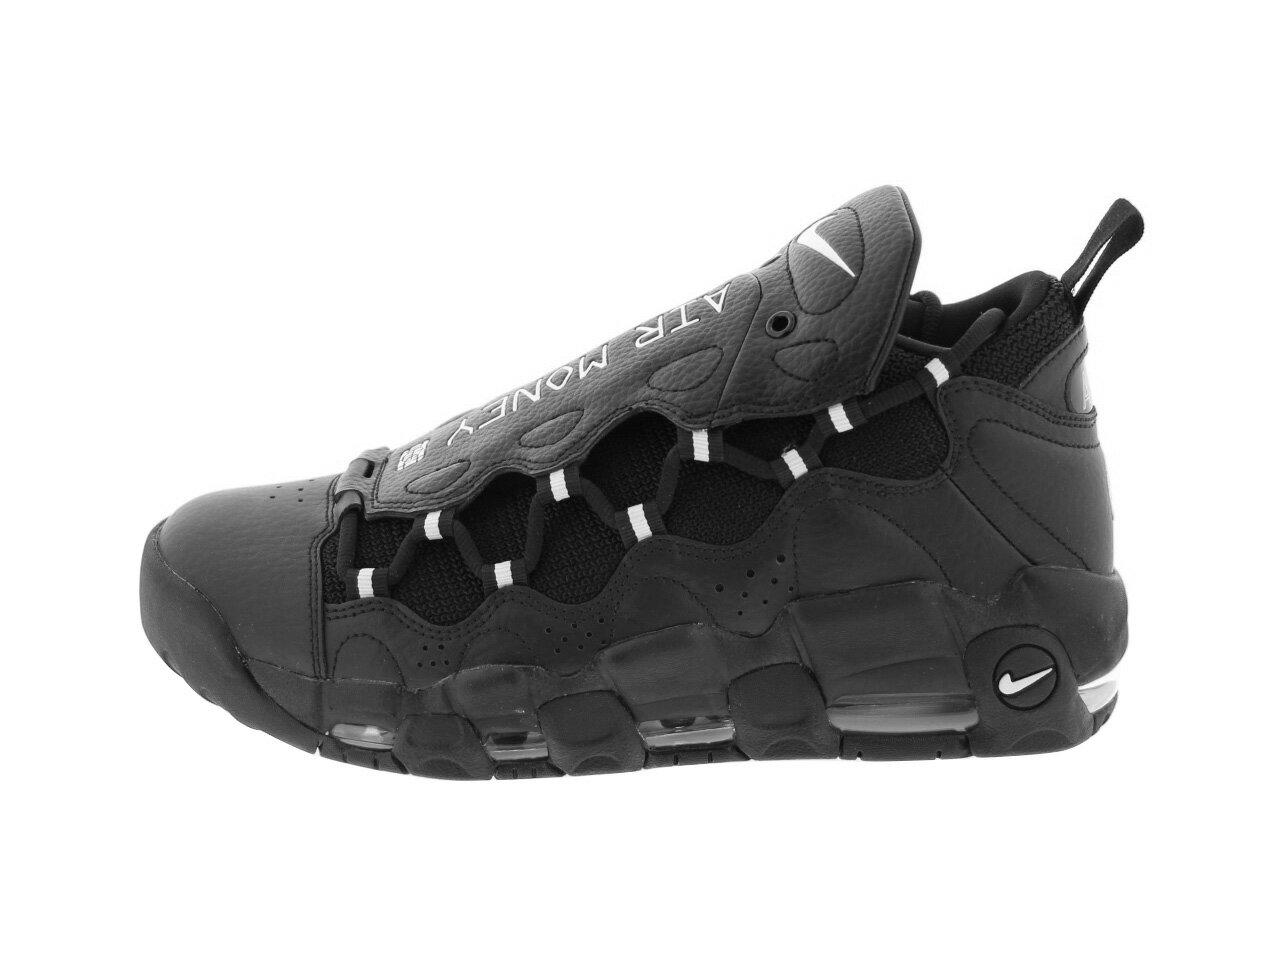 【お一人様一足まで】NIKE AIR MORE MONEY(aj2998-002)BLACK/METALIC SILVER【ナイキ エア モア マネー】【メンズファッション】【靴】【シューズ】【スニーカー】